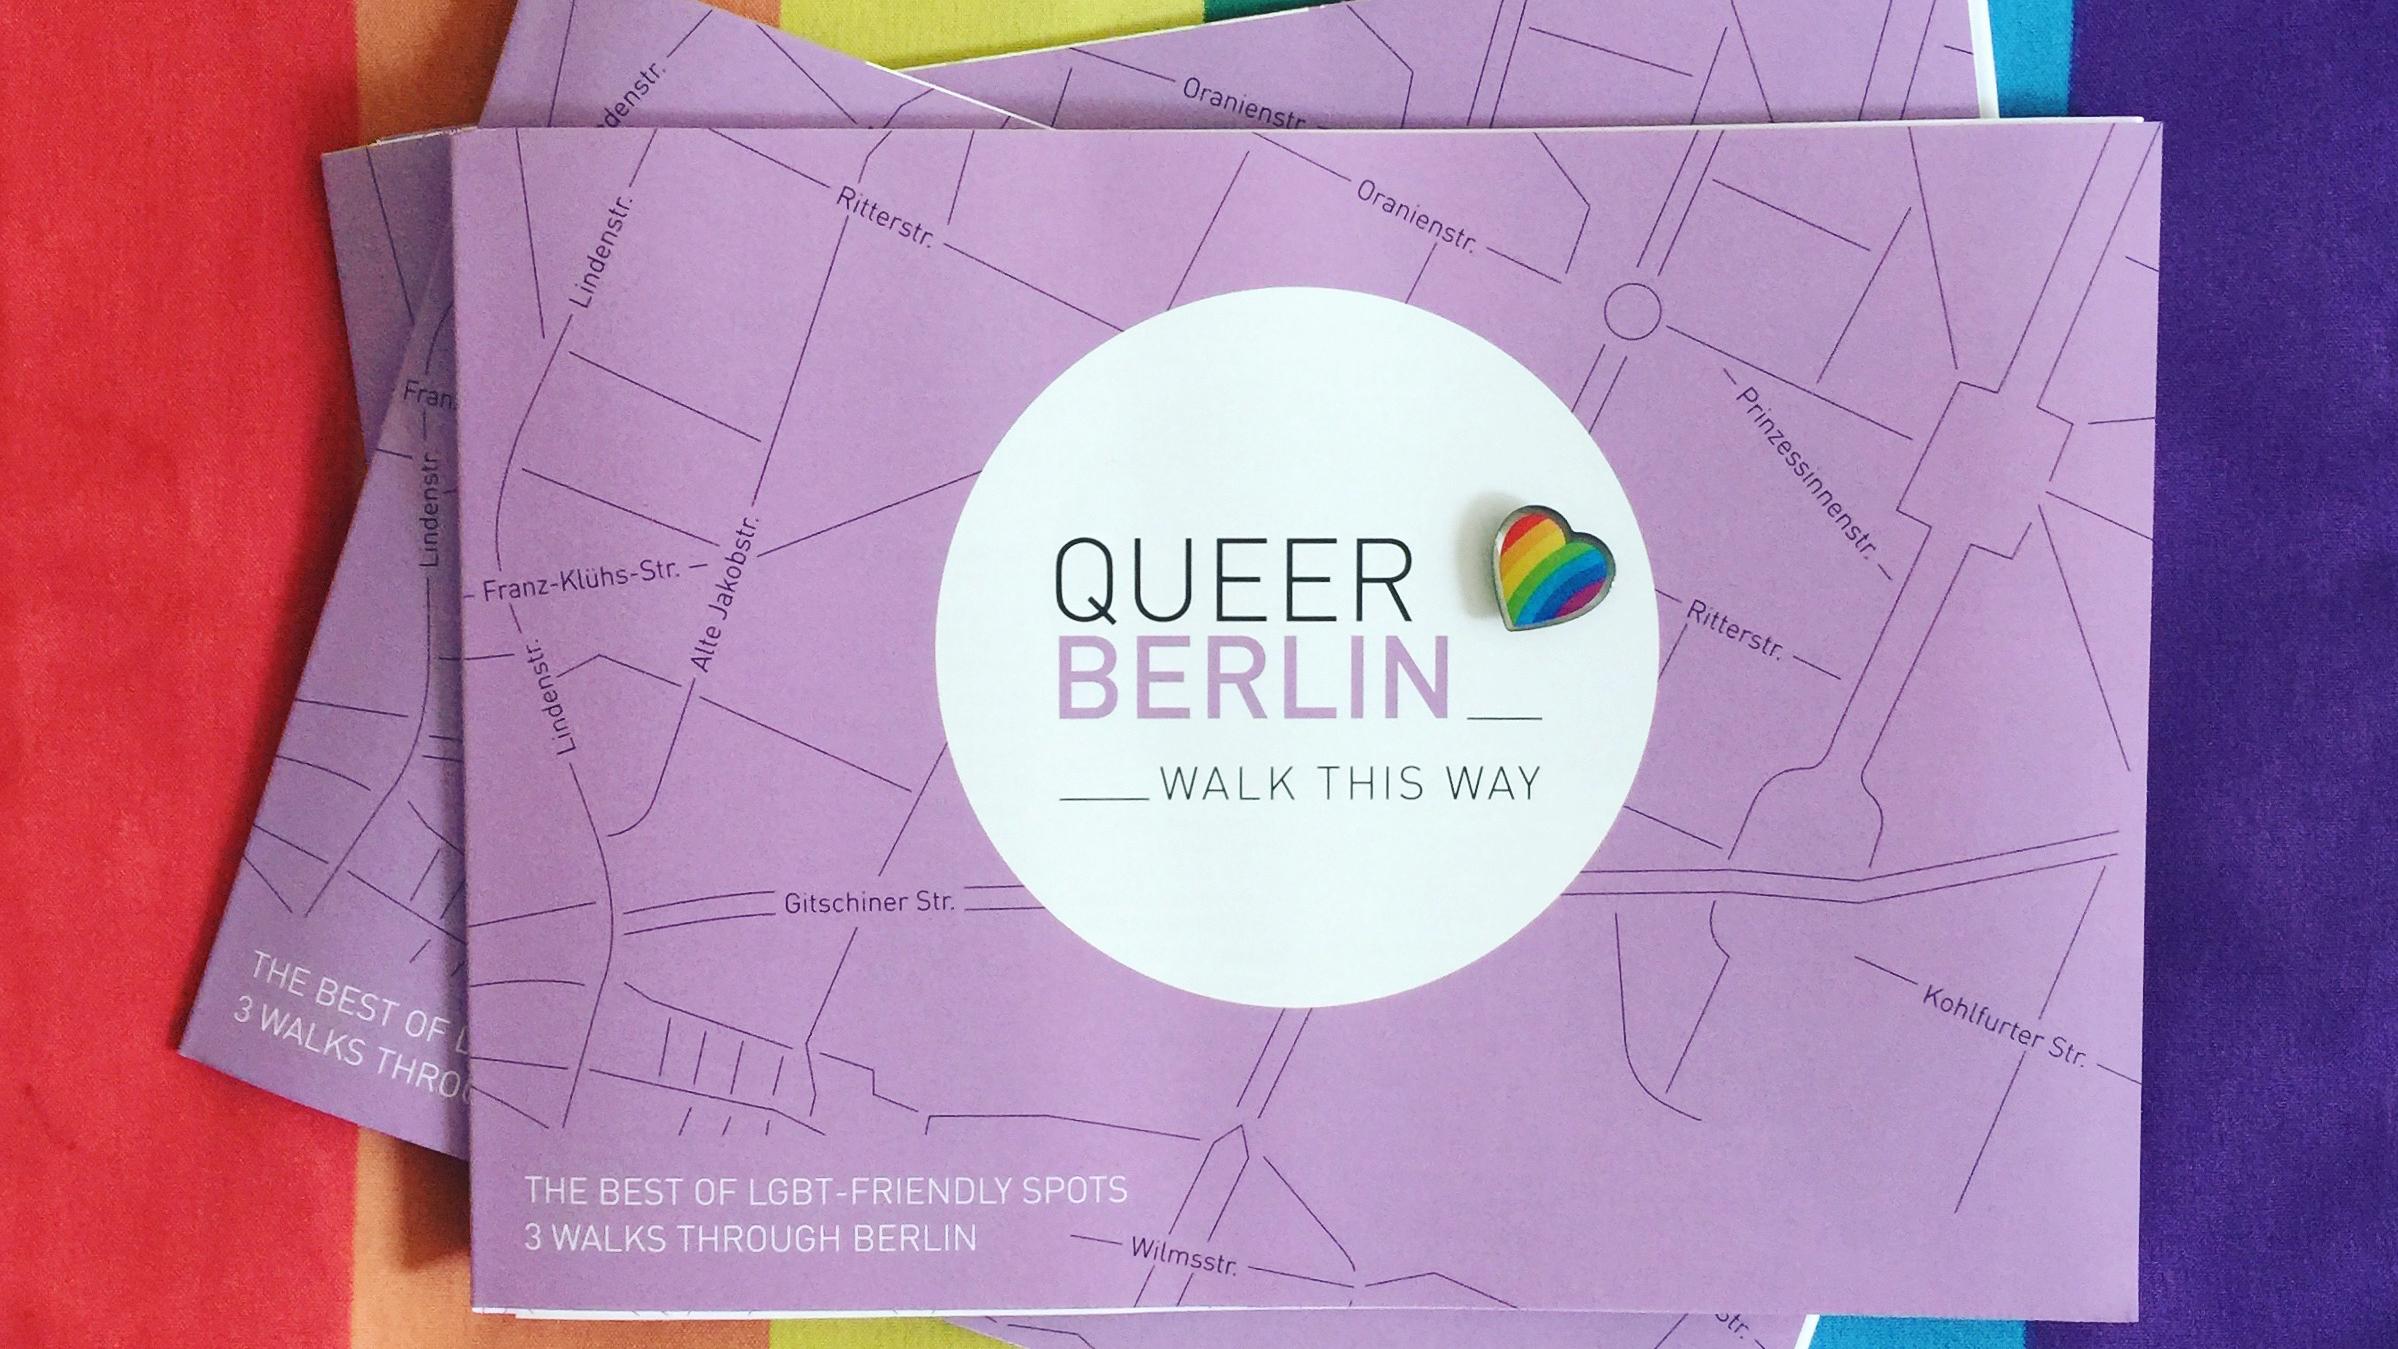 queer-berlin-travelsofadam_4139.JPG